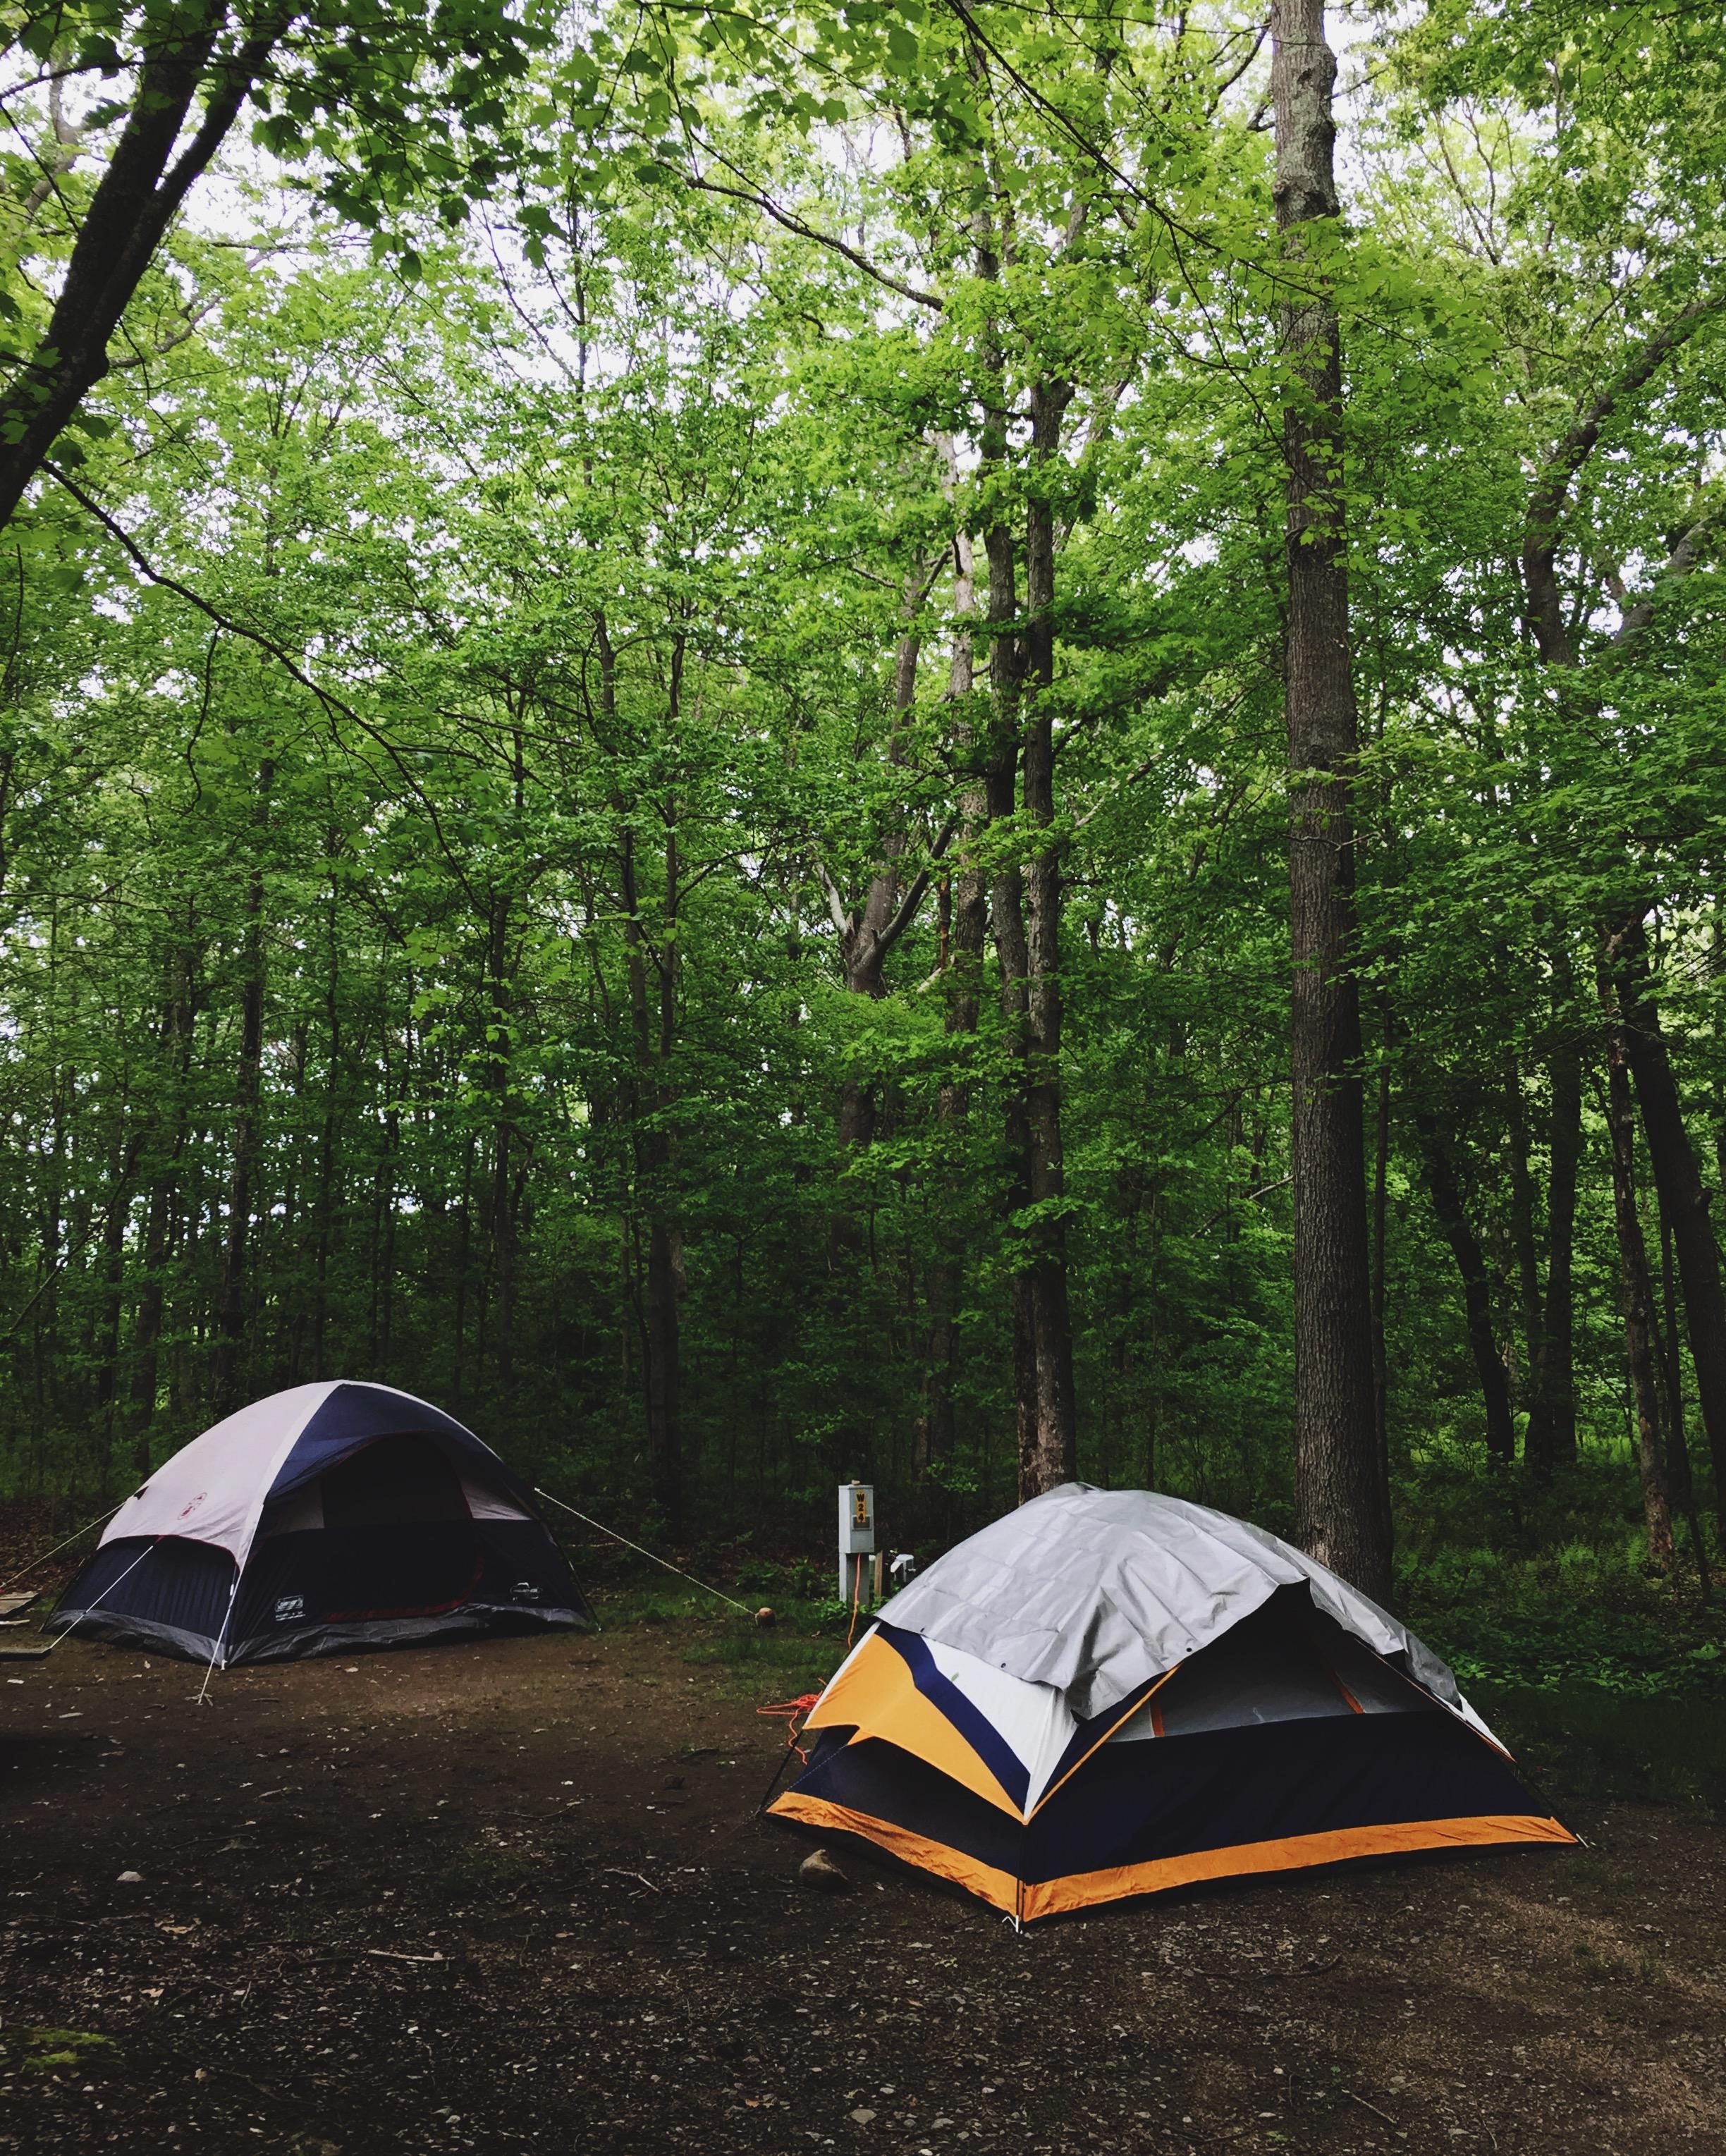 Camping x @LorenzoMitil